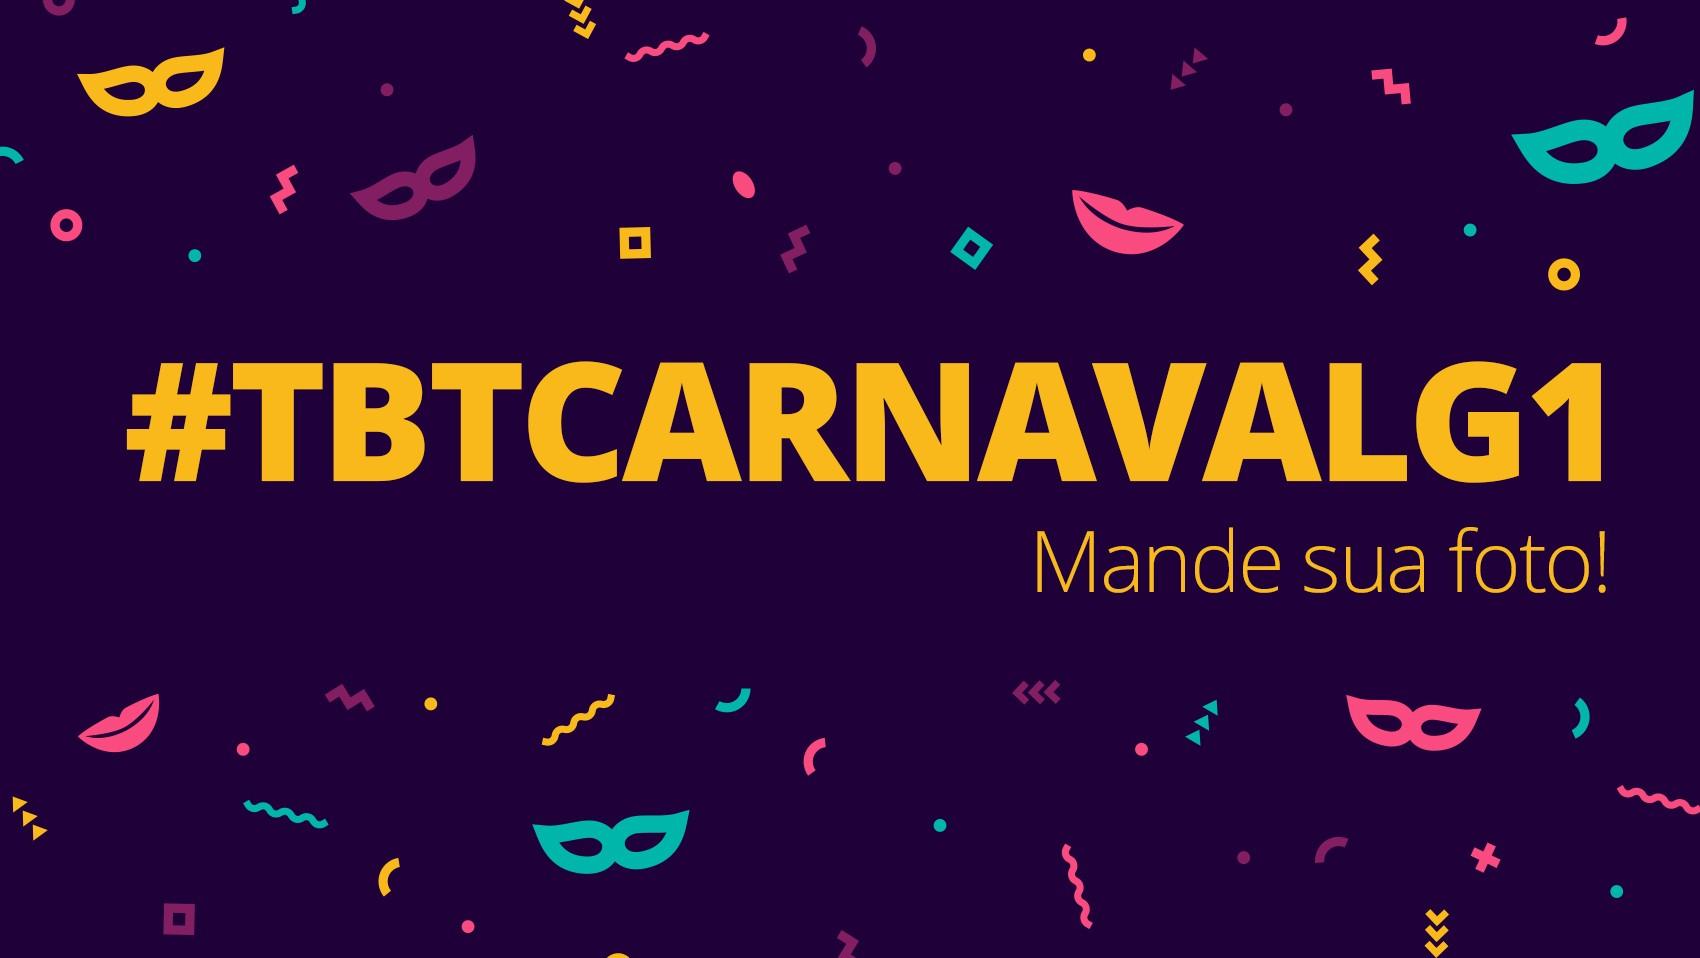 #tbtcarnavalg1: envie sua foto e participe do mural do carnaval